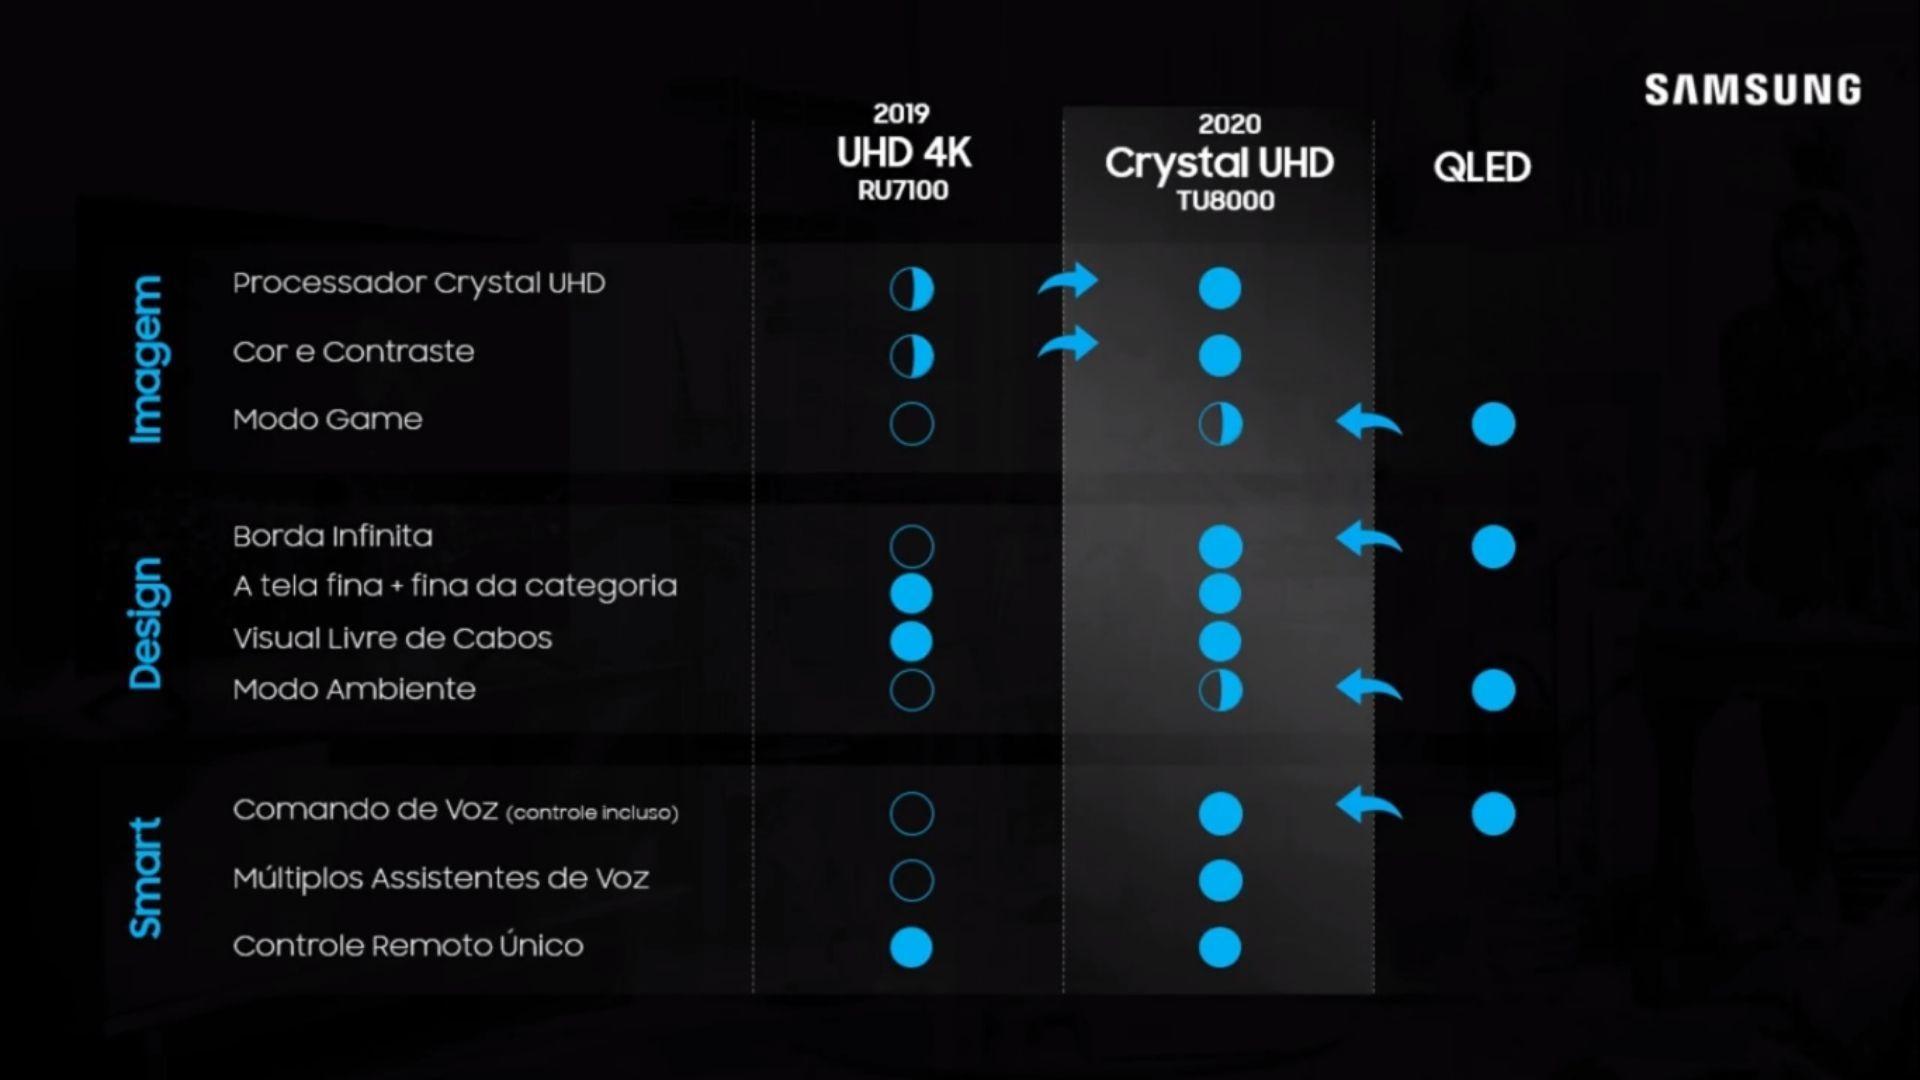 Linha Crystal UHD é a evolução do 4K, de acordo com a marca. (Imagem: Reprodução/Samsung)